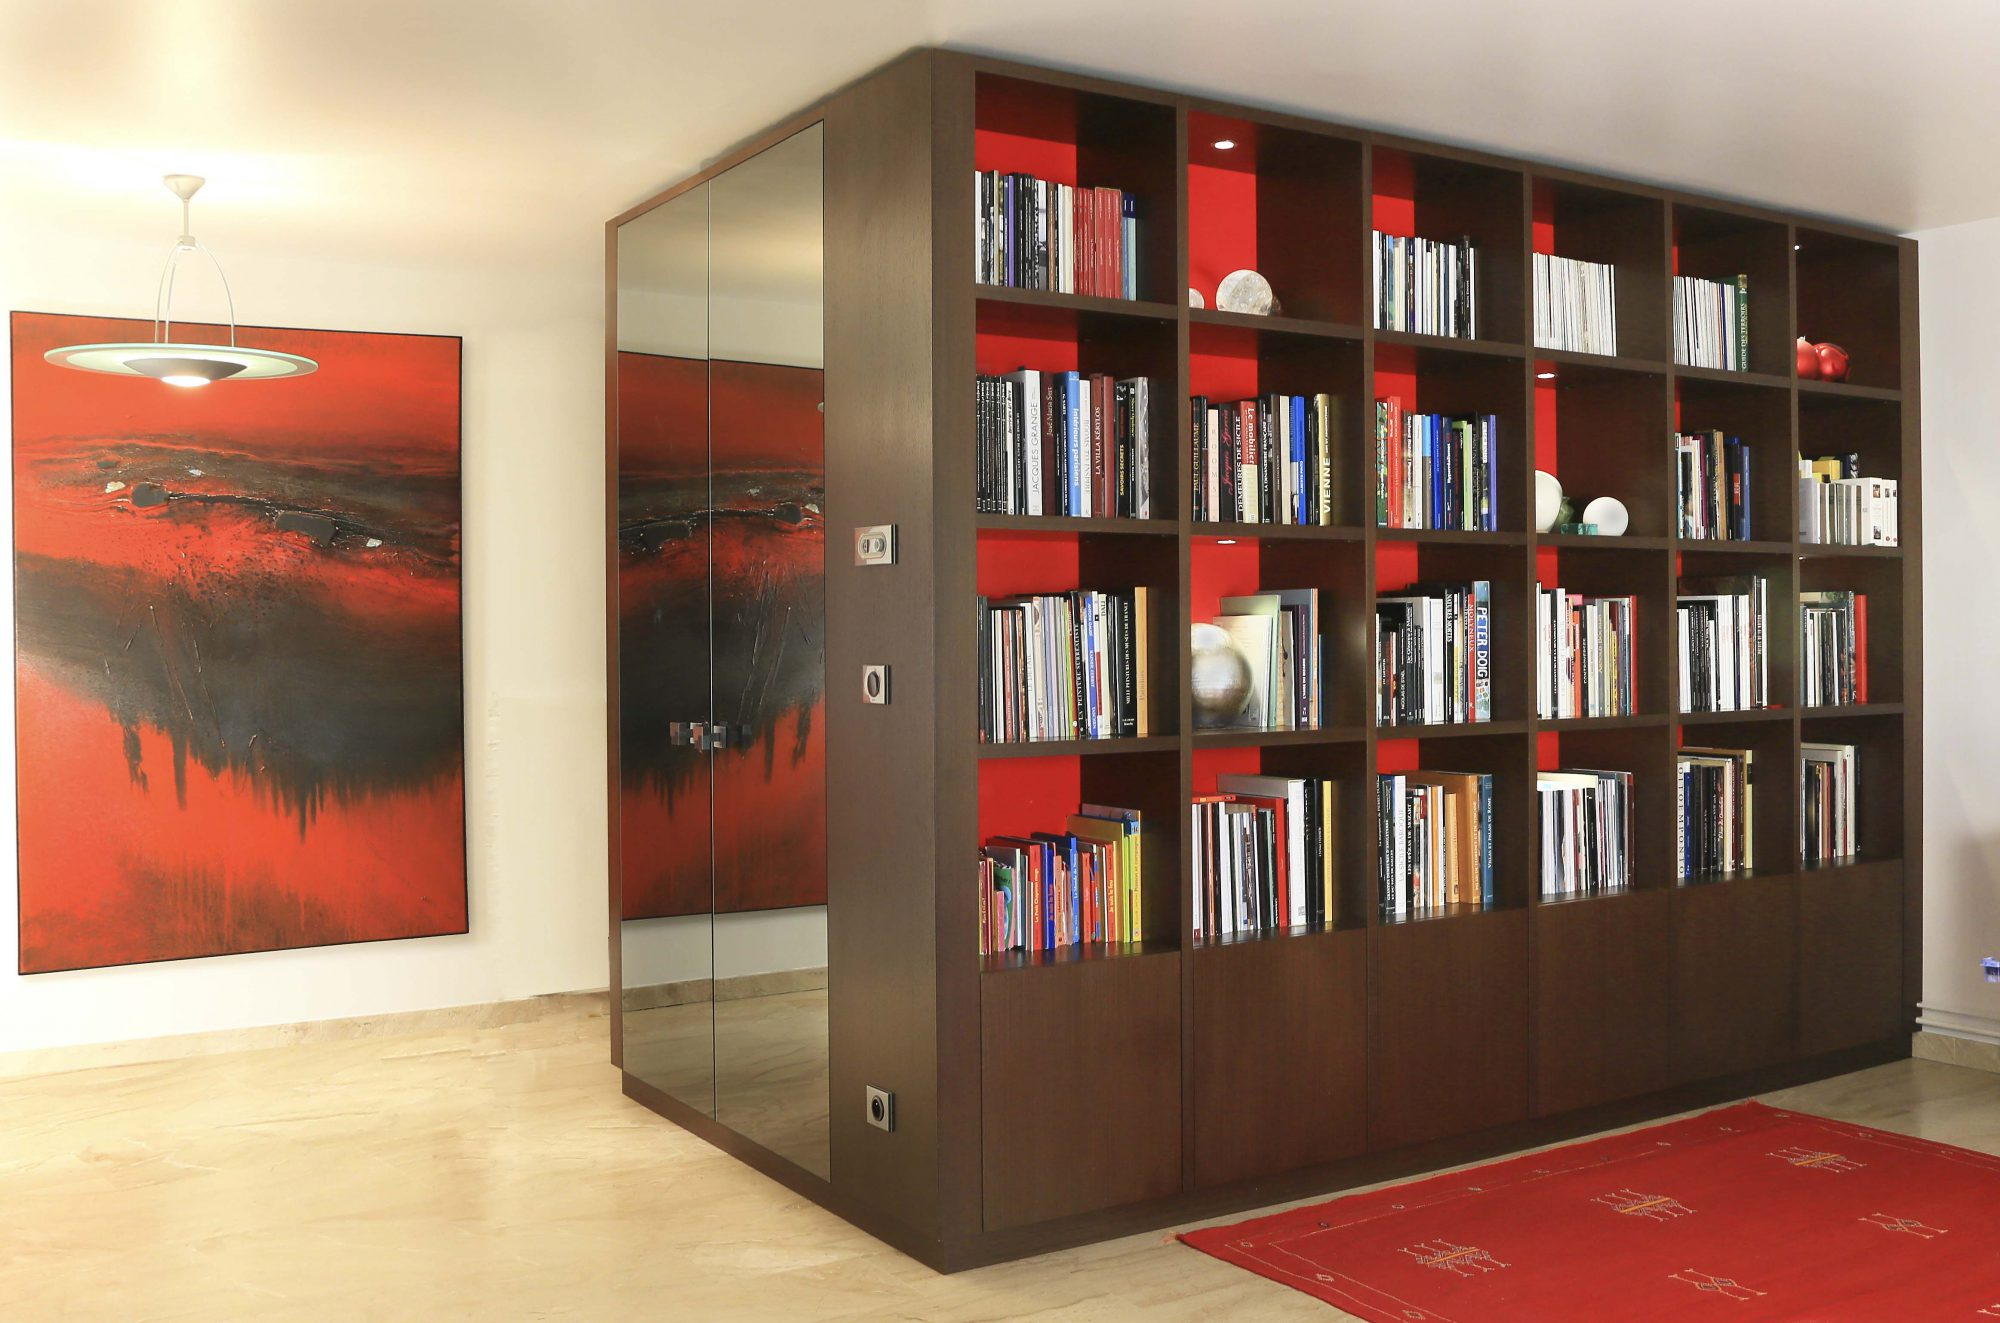 biblioth que volpon b niste et agenceur lyon. Black Bedroom Furniture Sets. Home Design Ideas